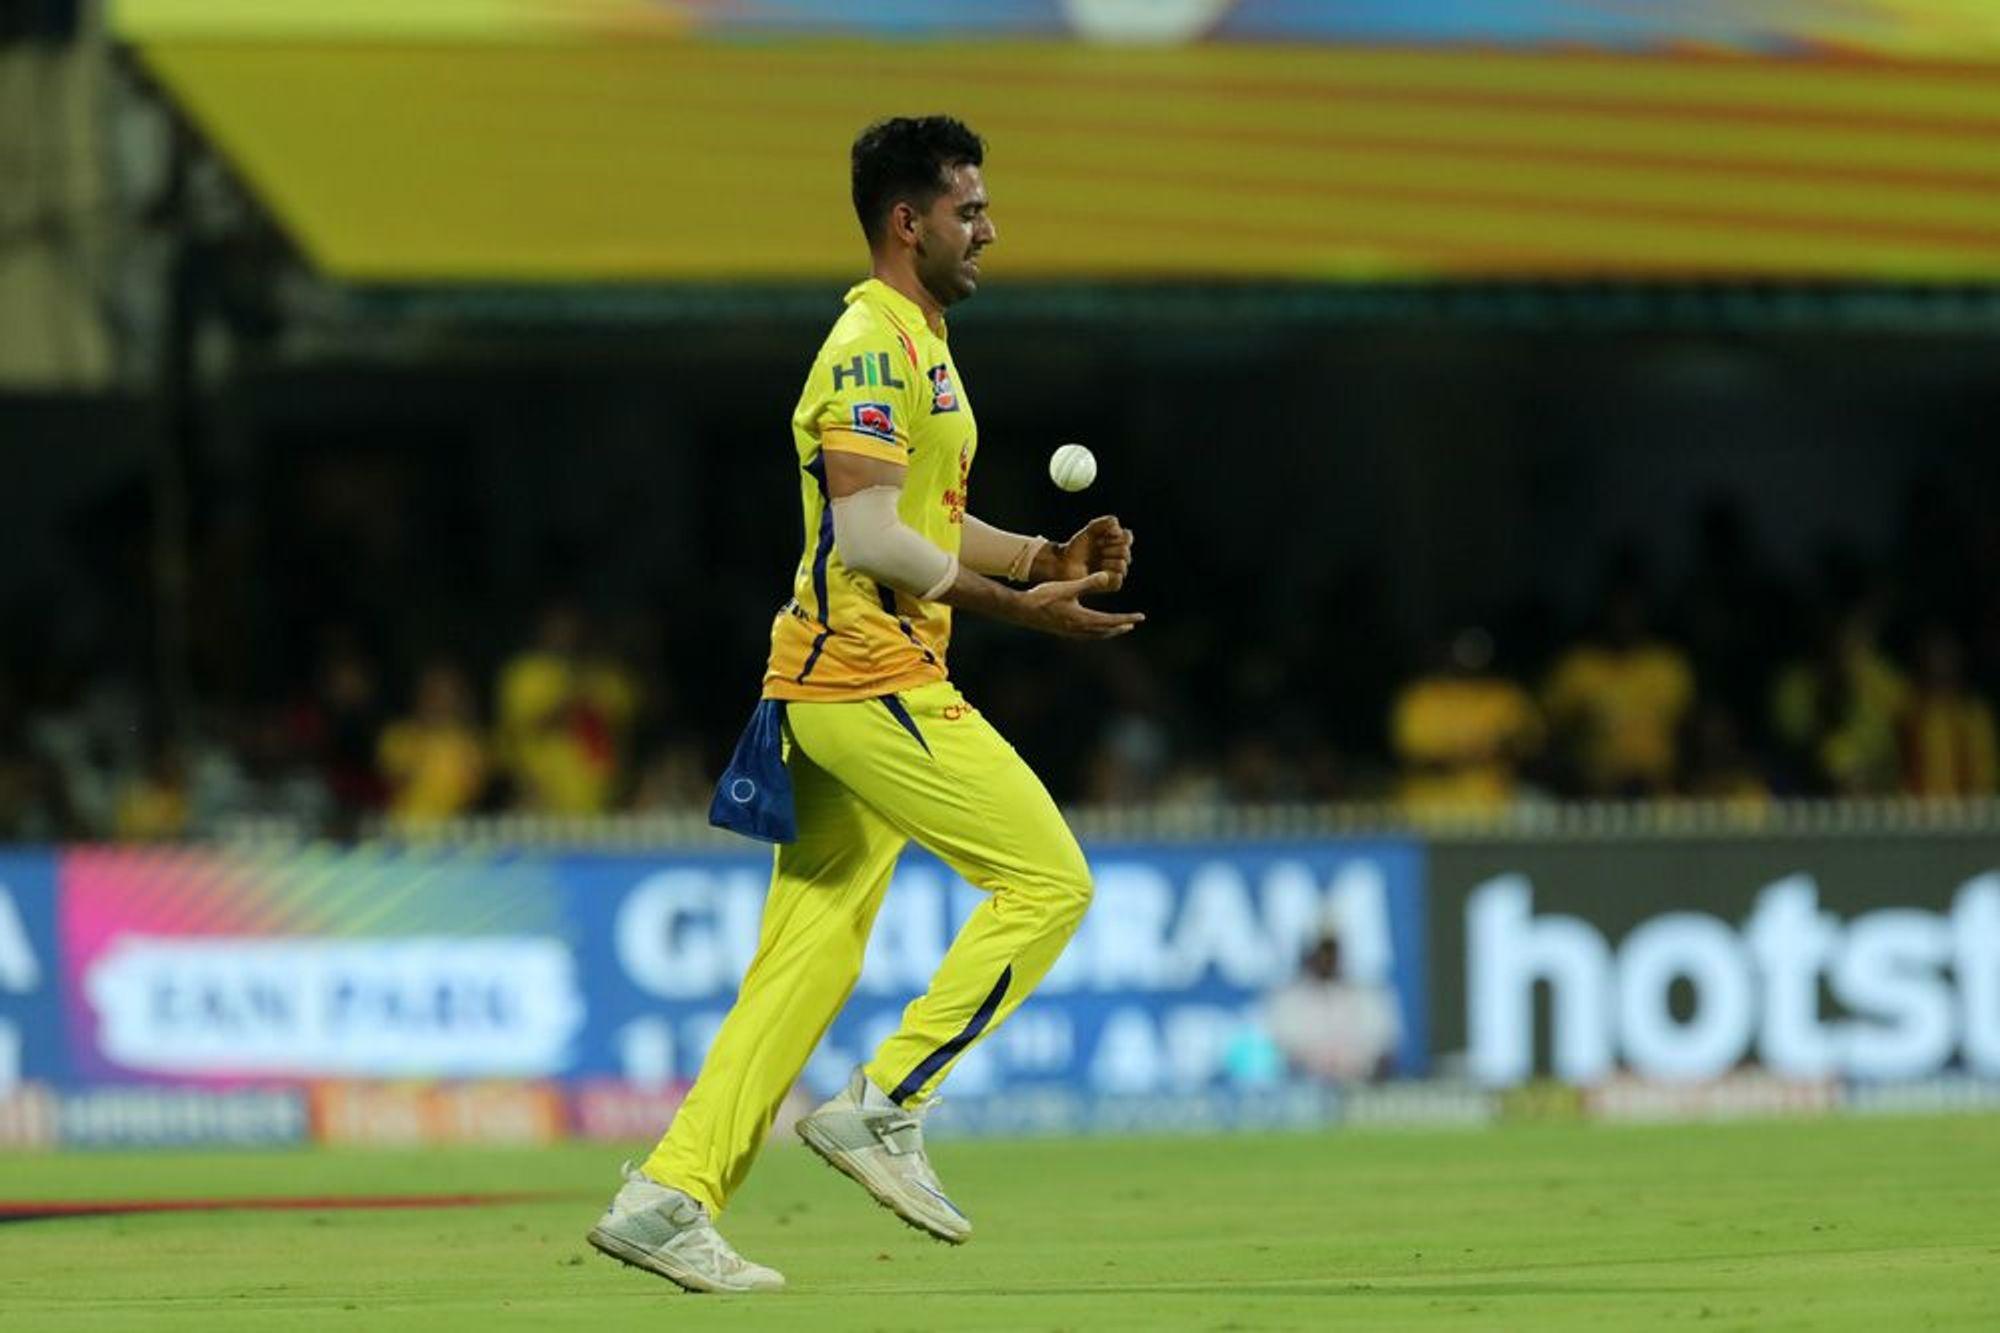 आशिष नेहराने डेक्कन चार्जर्स हैदराबादविरुद्धच्या सामन्यात 19 निर्धाव चेंडू टाकले होते.